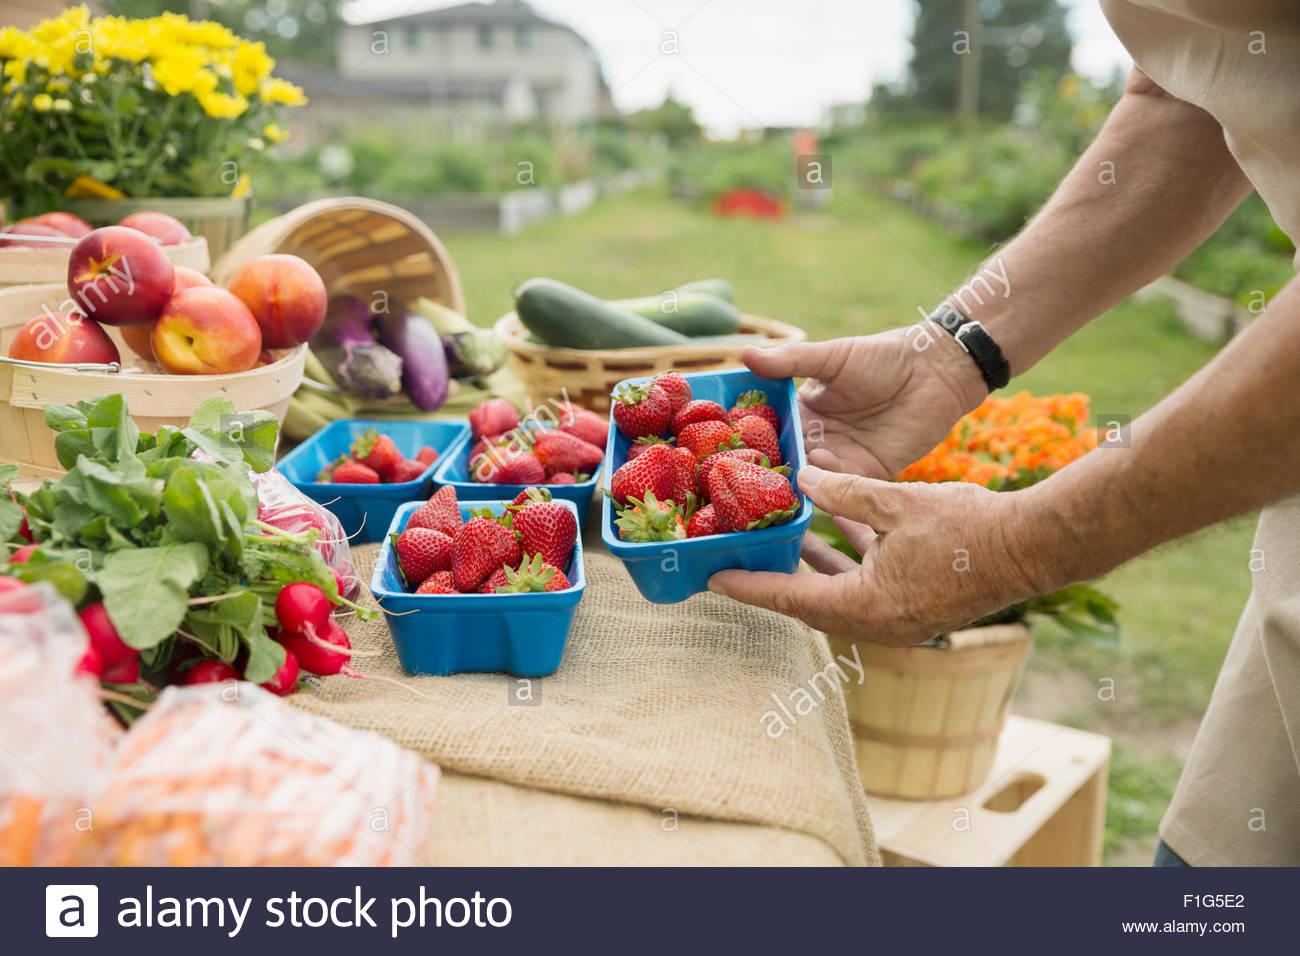 Comprobación de agricultor fresas frescas en el mercado de los granjeros cale Imagen De Stock